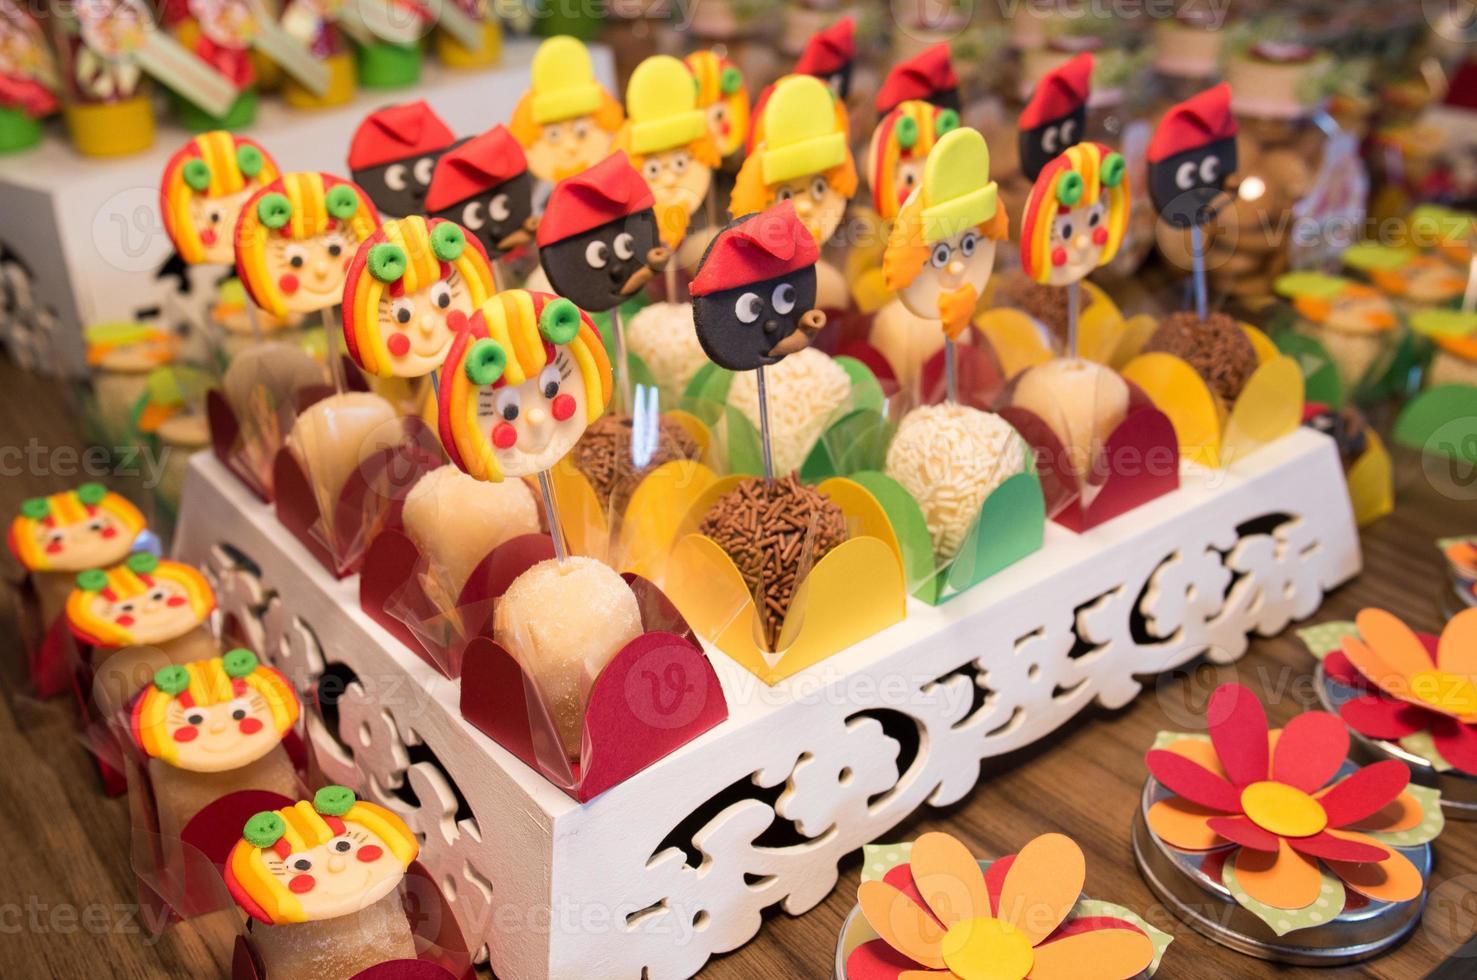 kleurrijke snoepjes voor kinderen verjaardagsfeestje foto